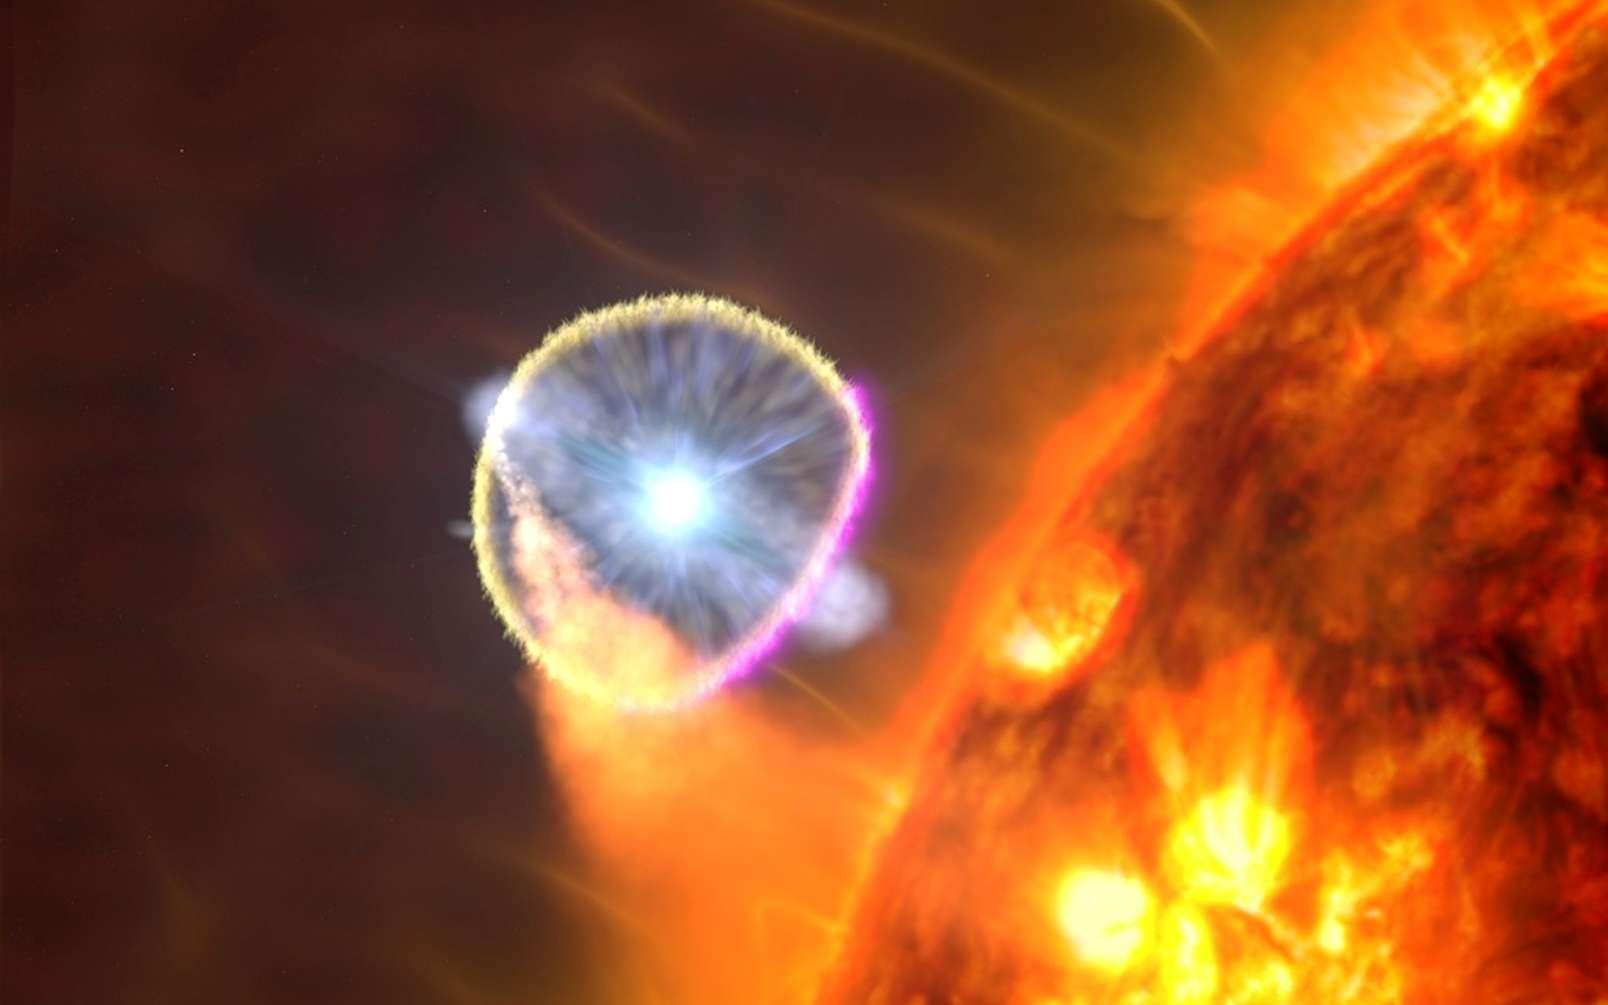 L'étoile naine blanche du V407 Cygni, illustrée ici dans le concept d'un artiste, est devenue nova en 2010. Les scientifiques pensent que l'explosion a principalement émis des rayons gamma (magenta) lorsque l'onde de souffle a traversé l'environnement riche en gaz près de l'étoile géante rouge du système. © Goddard Space Flight Center / S de la NASA. Wiessinger